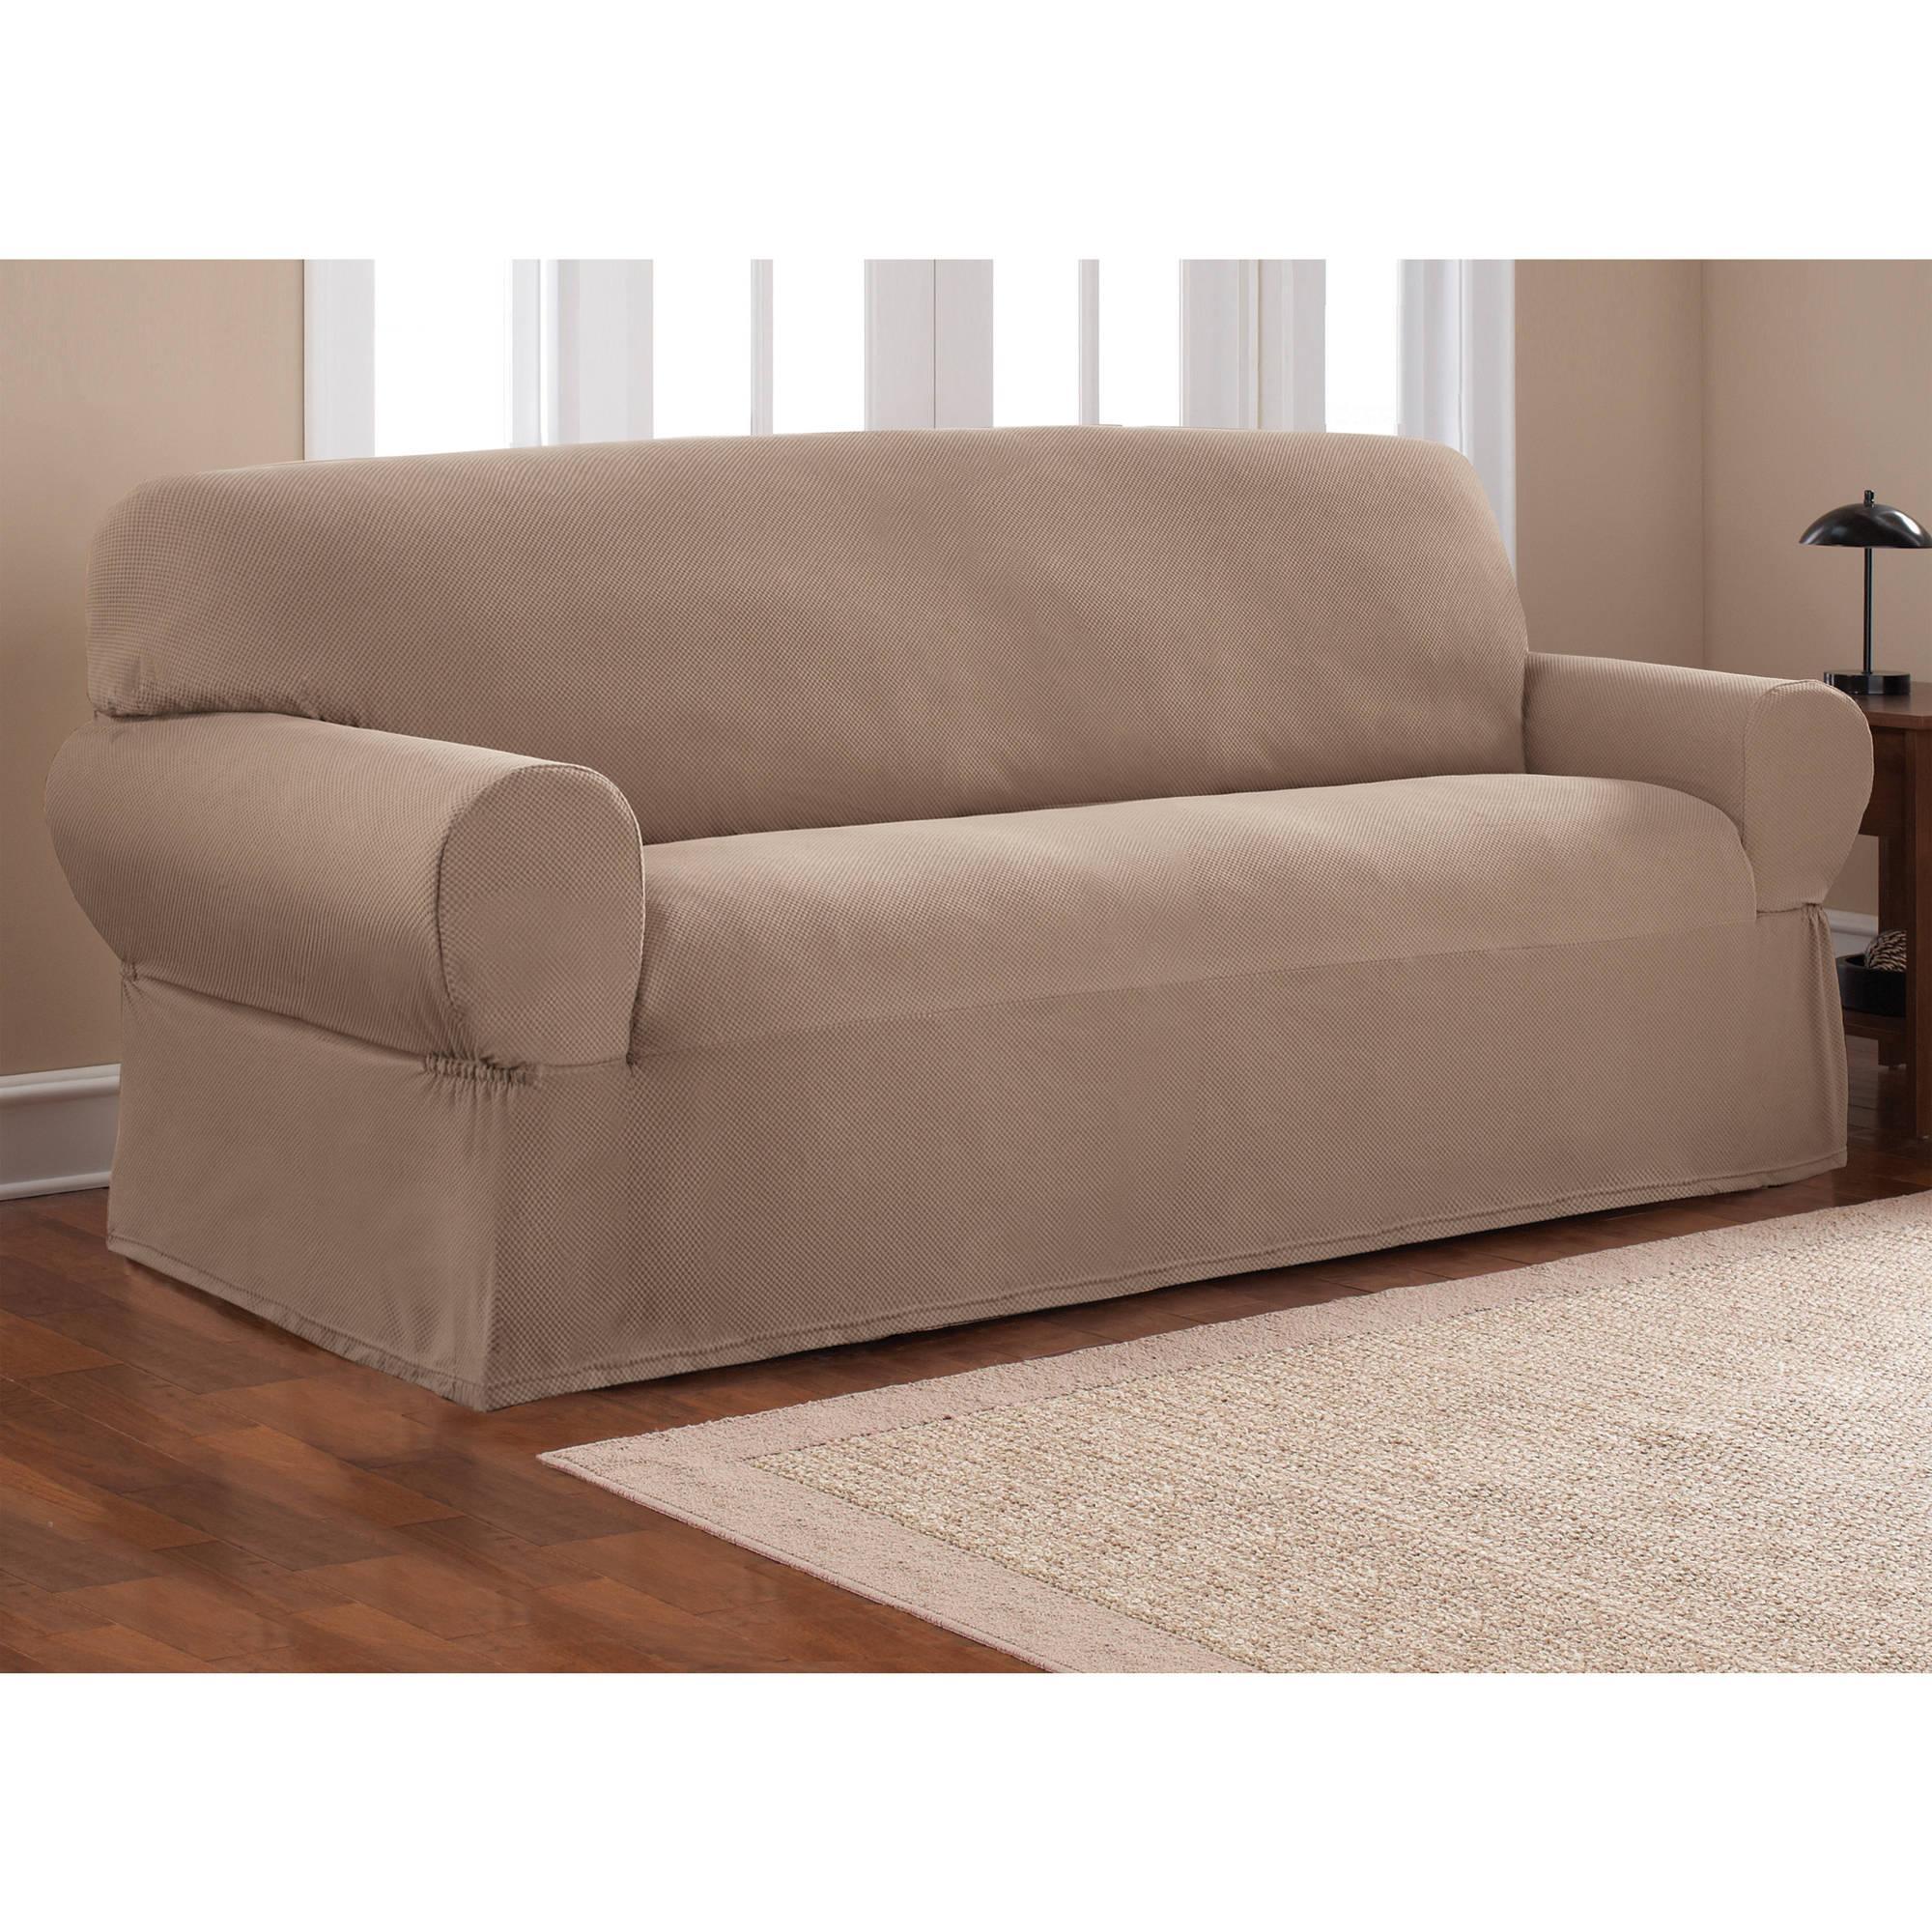 Furniture: Slipcover For Camelback Sofa | Linen Sofa Slipcover In Camelback Slipcovers (View 17 of 20)